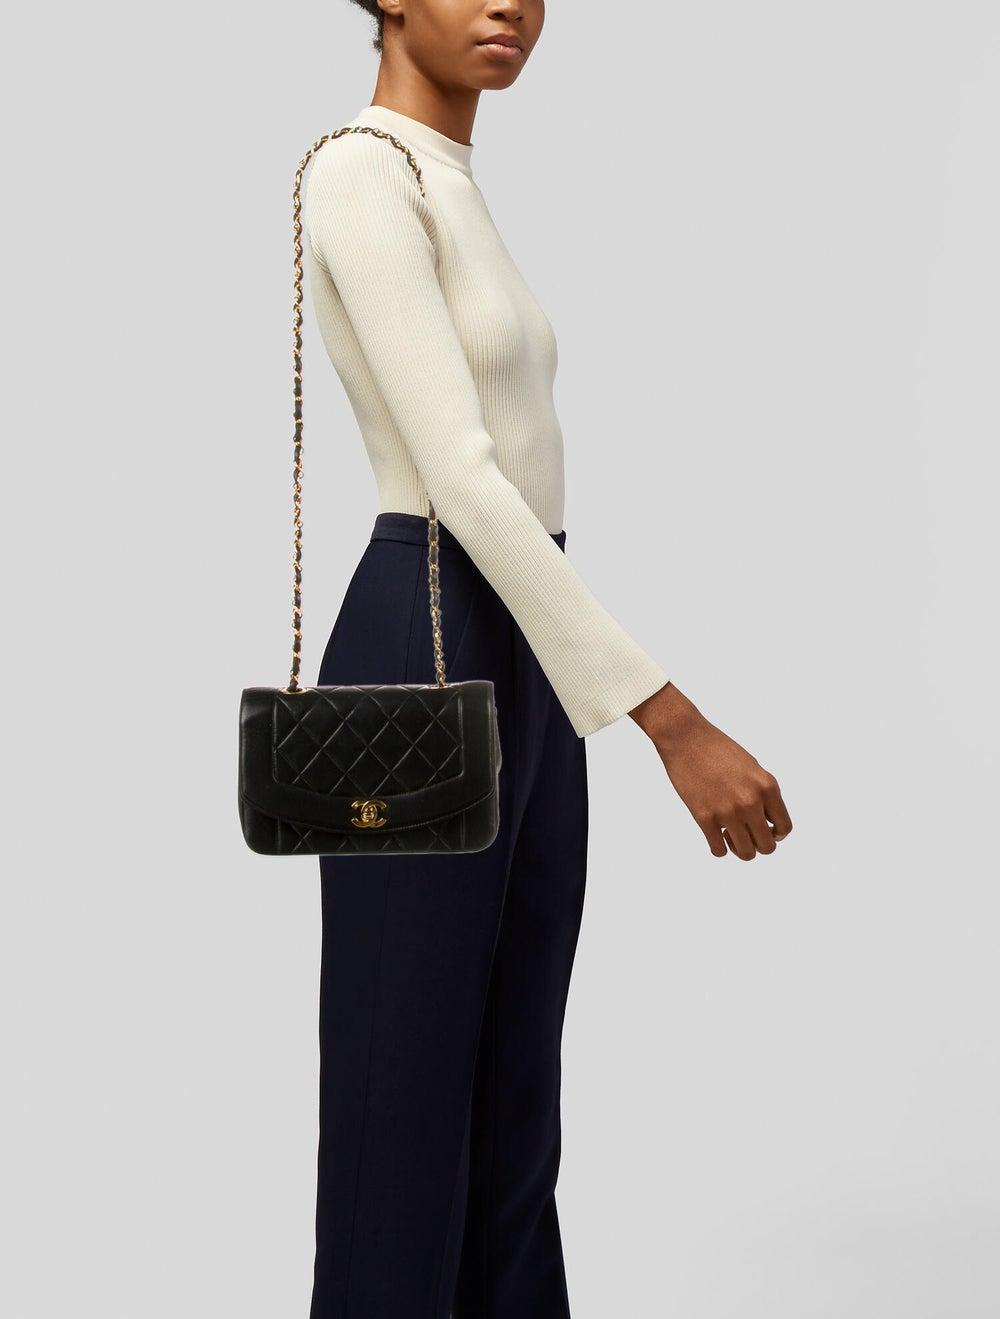 Chanel Vintage Diana Flap Bag Black - image 2